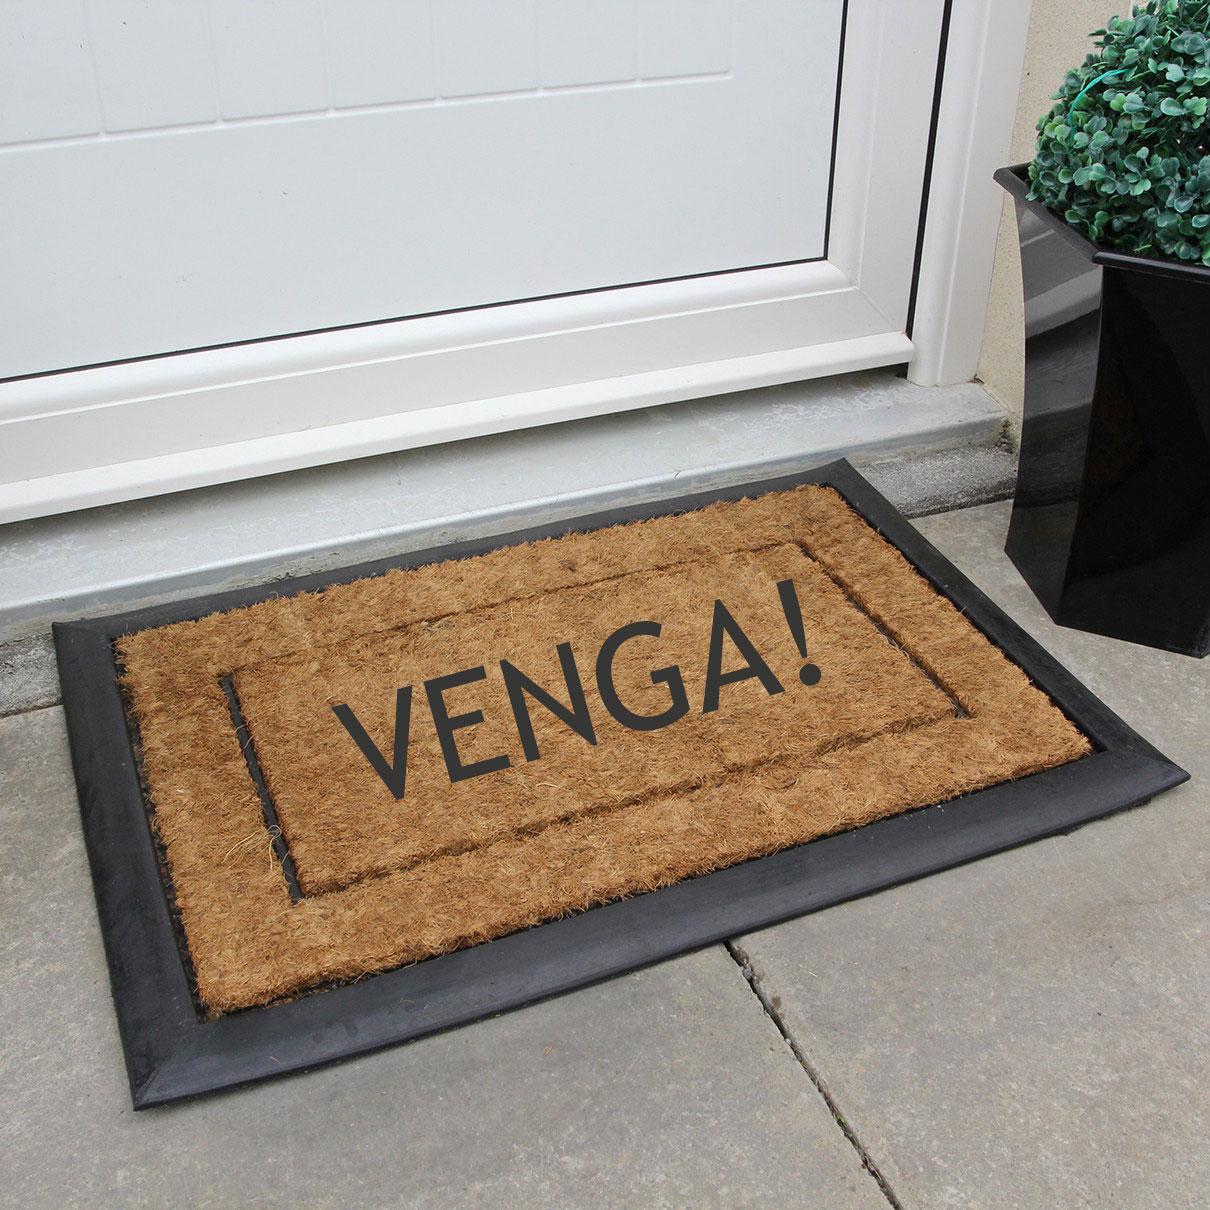 Doormat that says Venga!